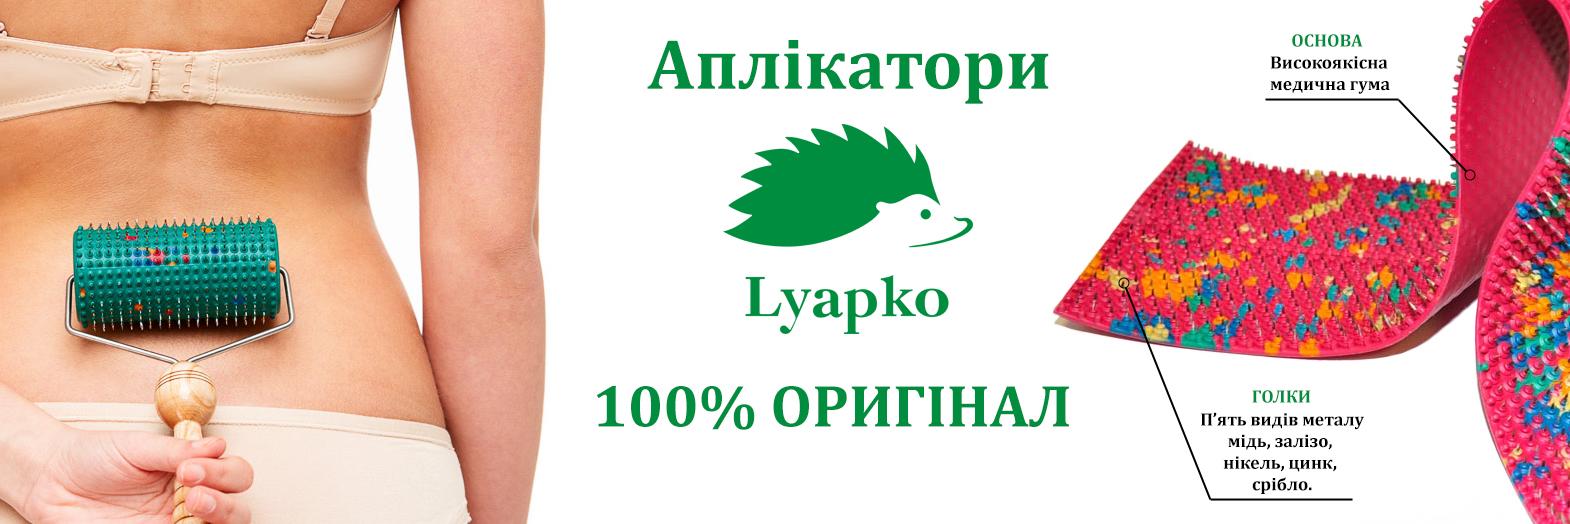 Lyapko